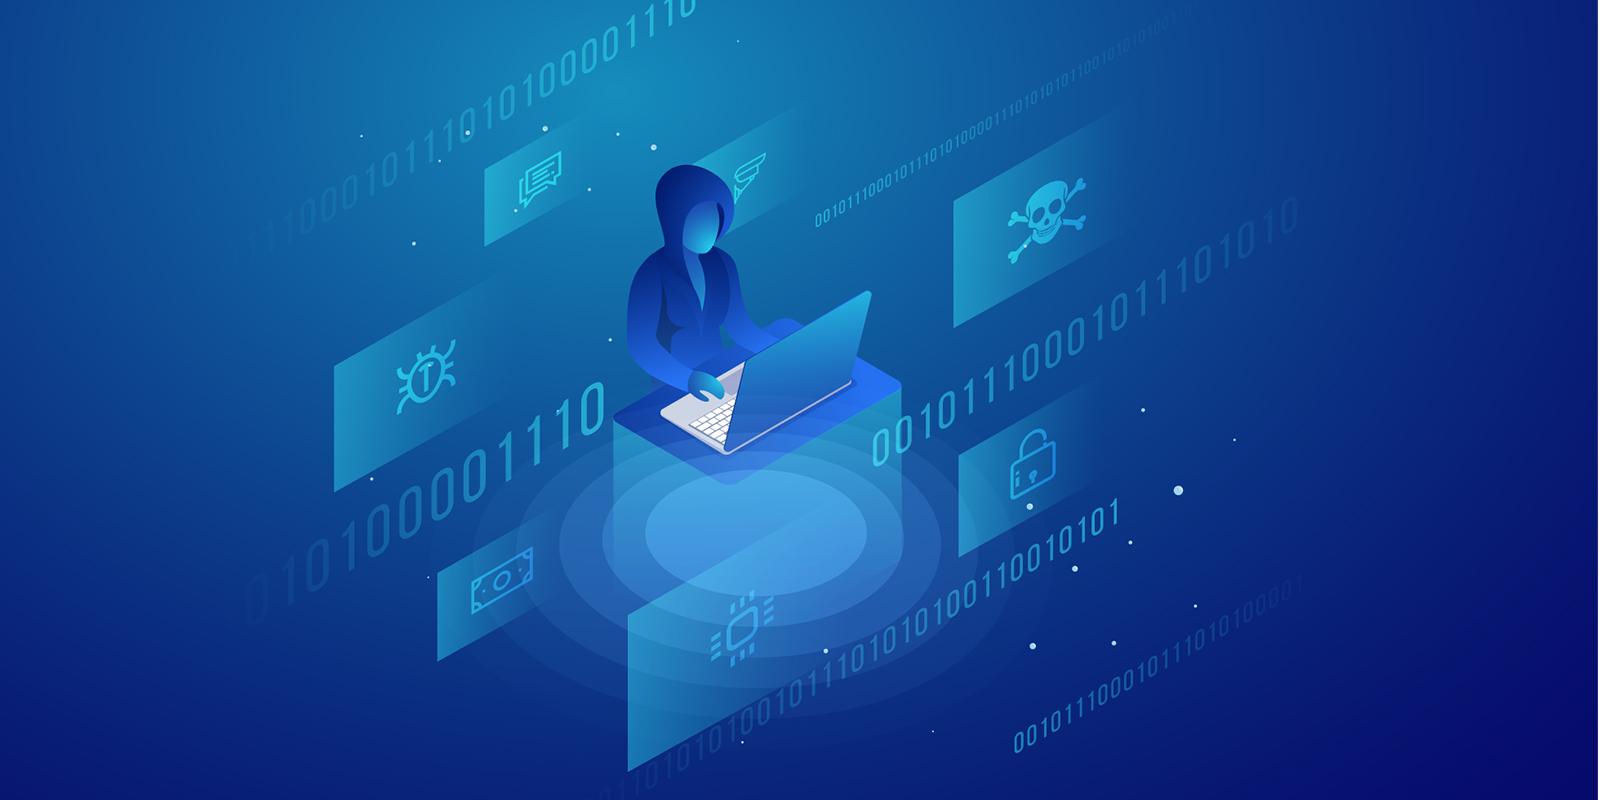 Взламываем сайты: шпаргалка по SQL инъекциям